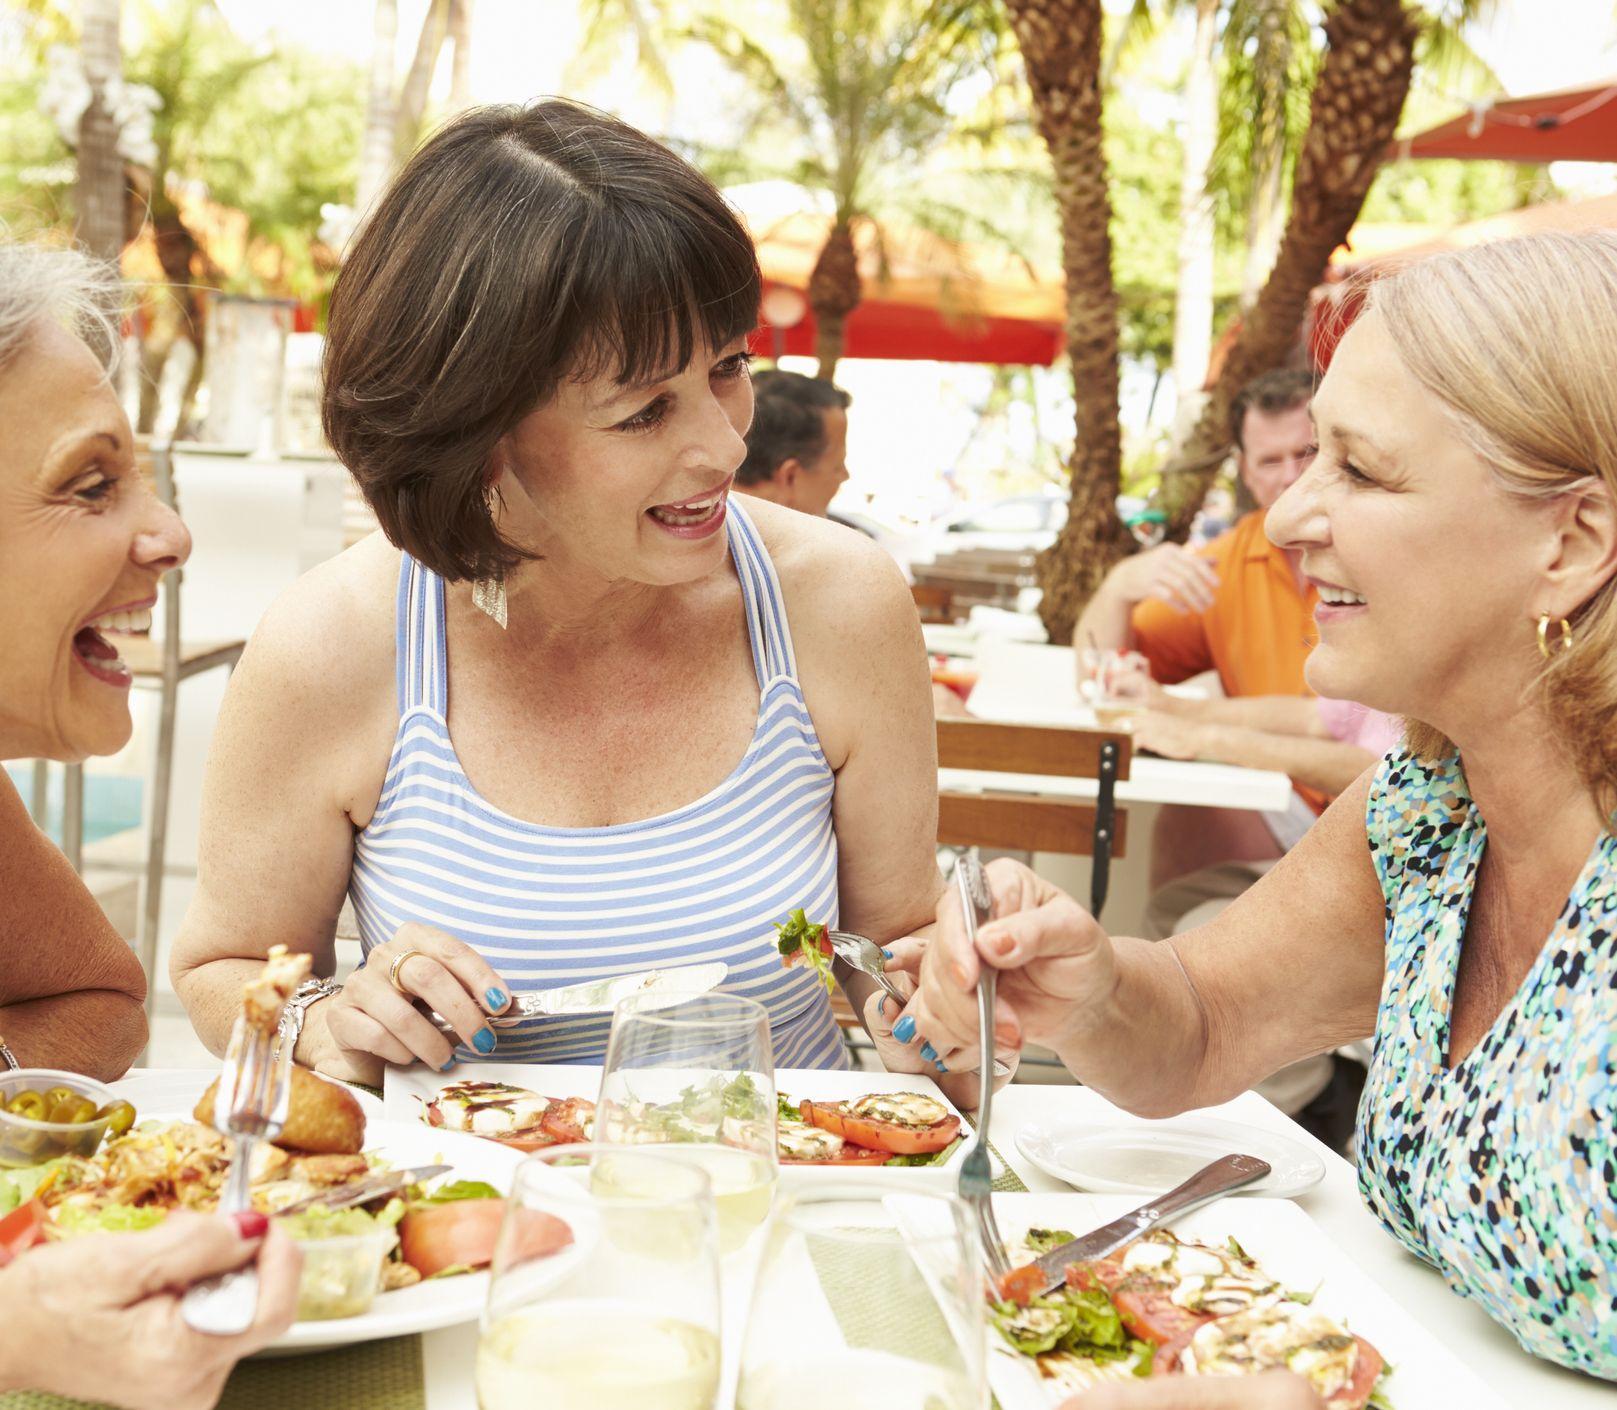 Tipy, čo jesť vonku a nepriberať: Ako si vychutnať reštaurácie bez výčitiek?